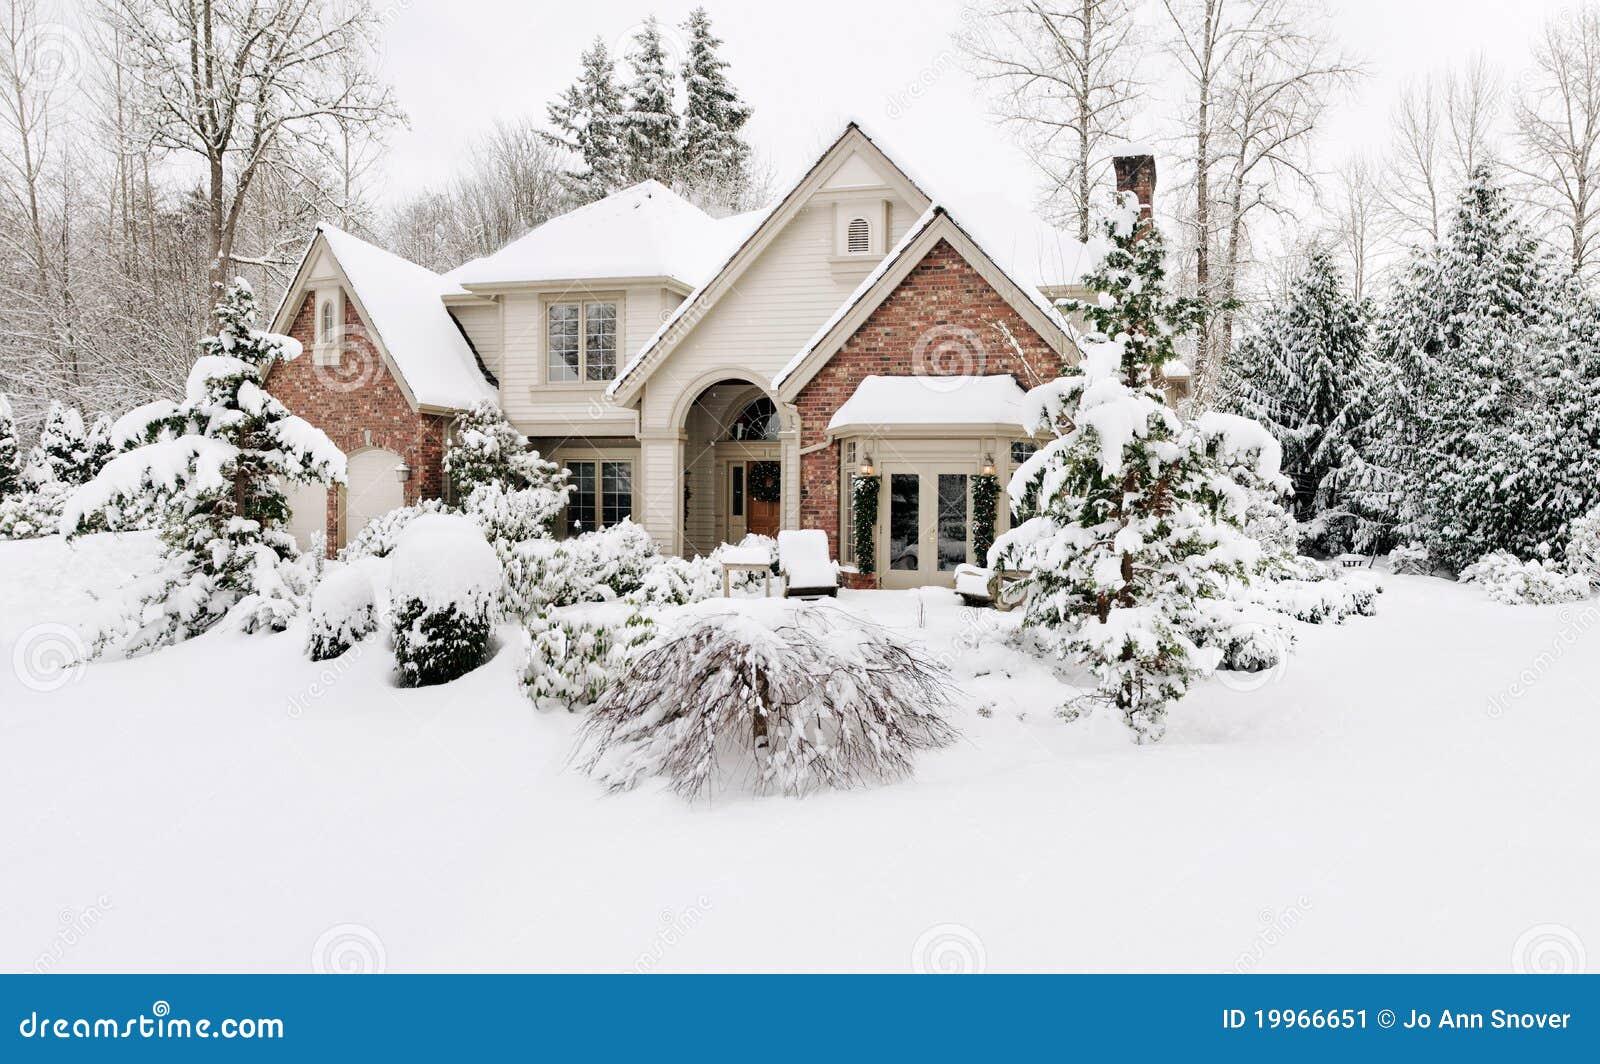 Home snowvinter